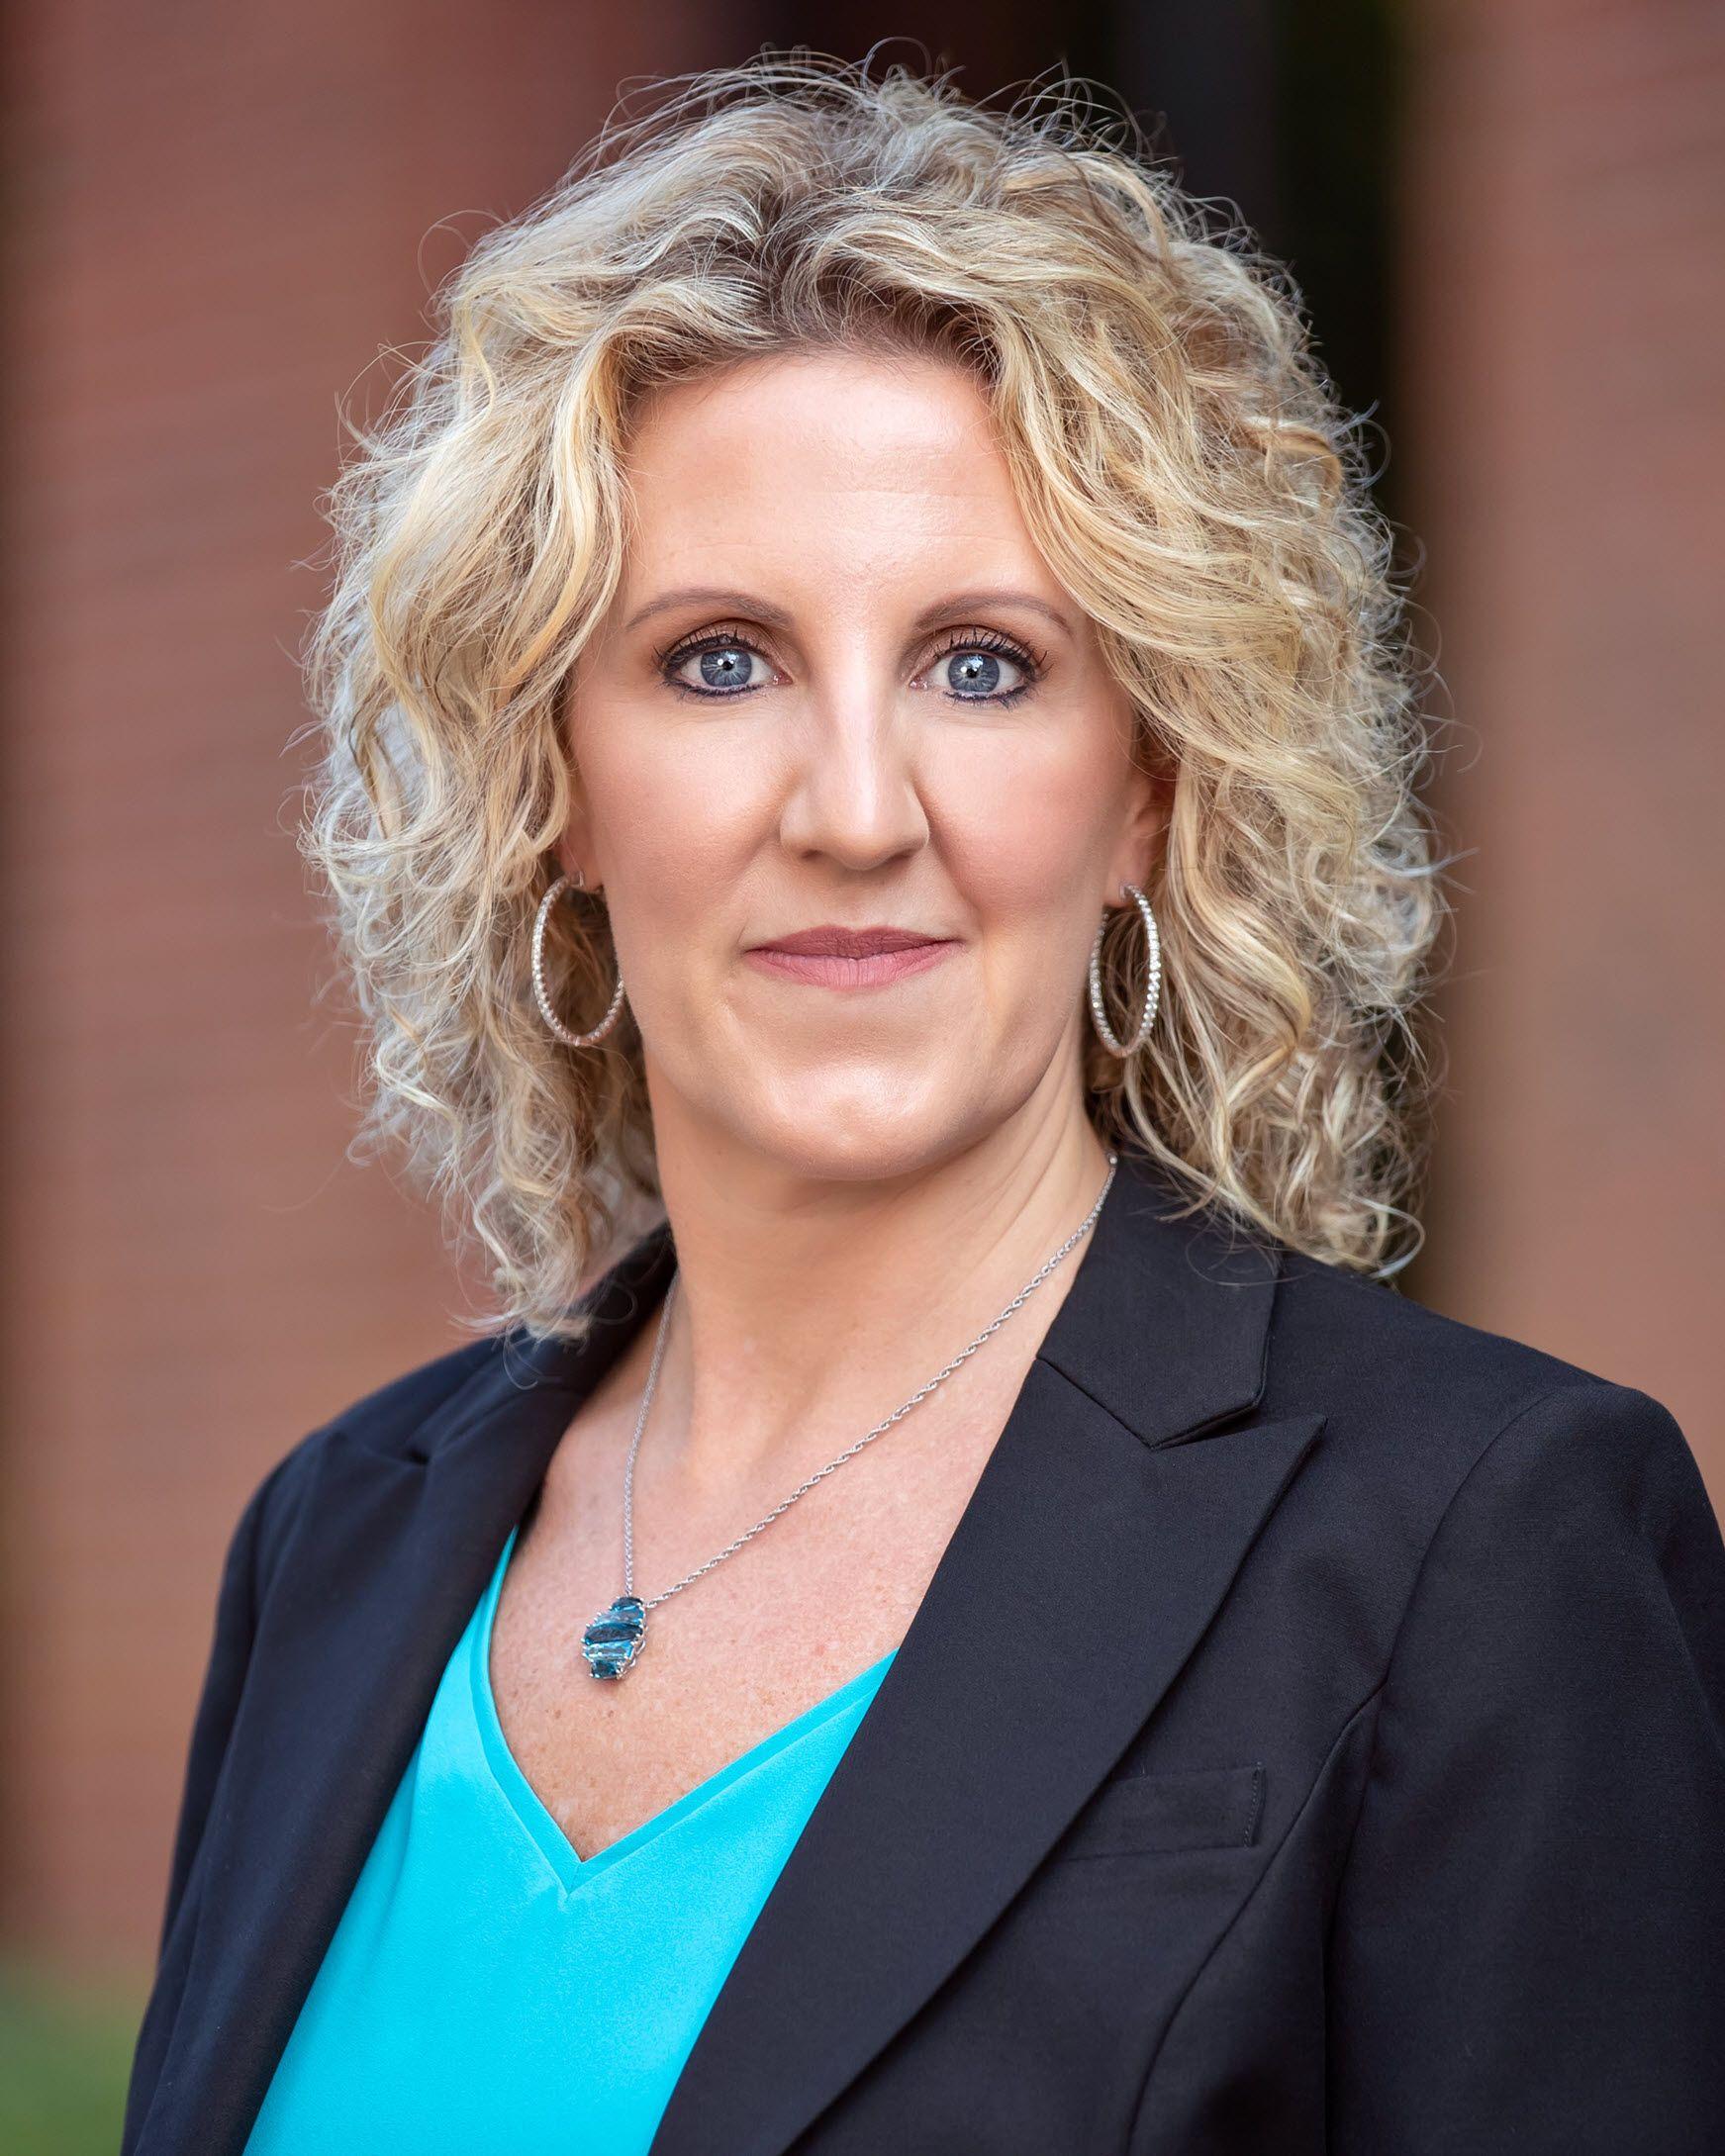 Tamara Rabenold, CEO